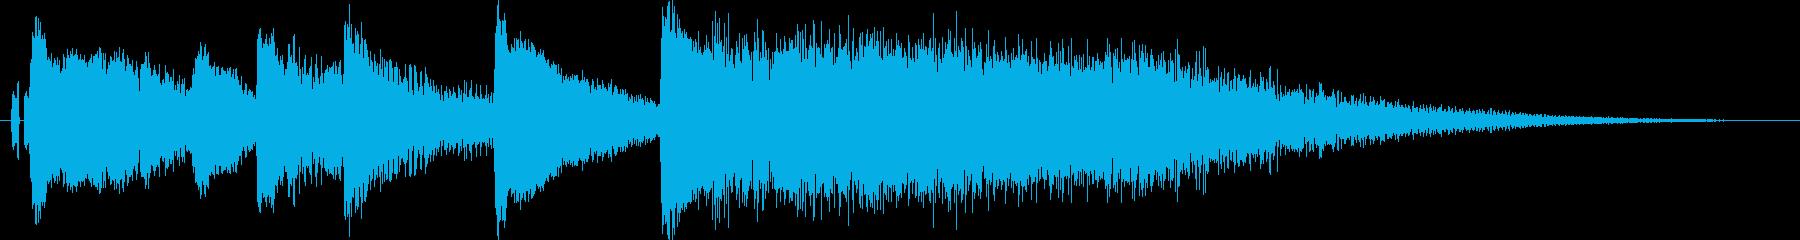 中国、チャイナ風の演出に最適なジングル1の再生済みの波形